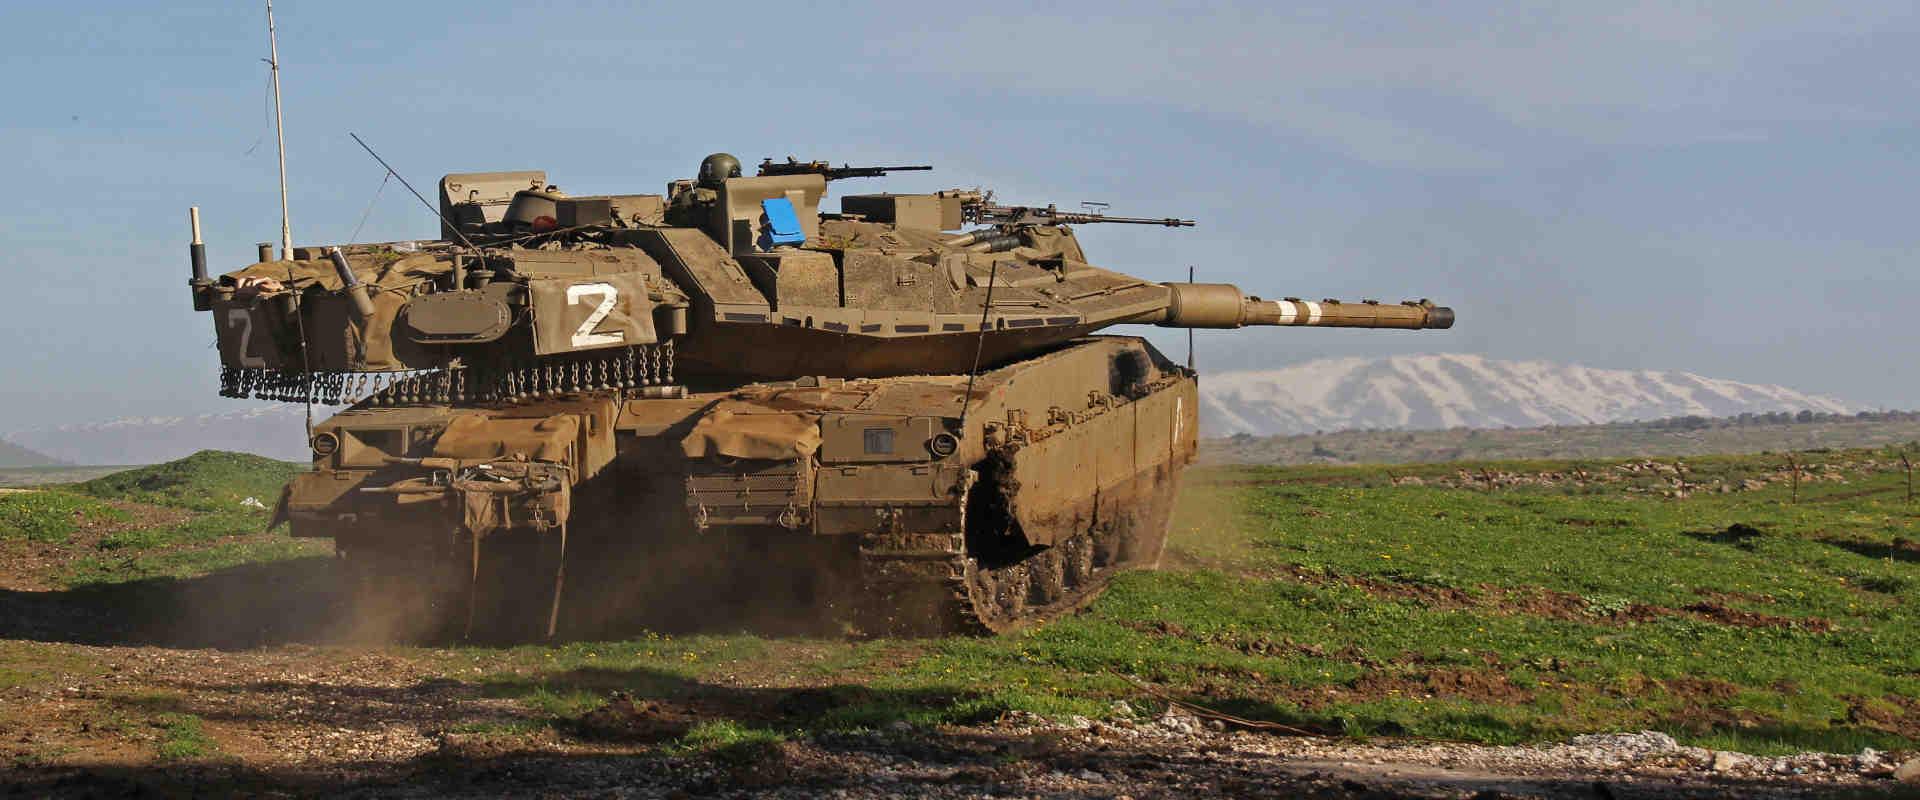 טנק של חיל שריון